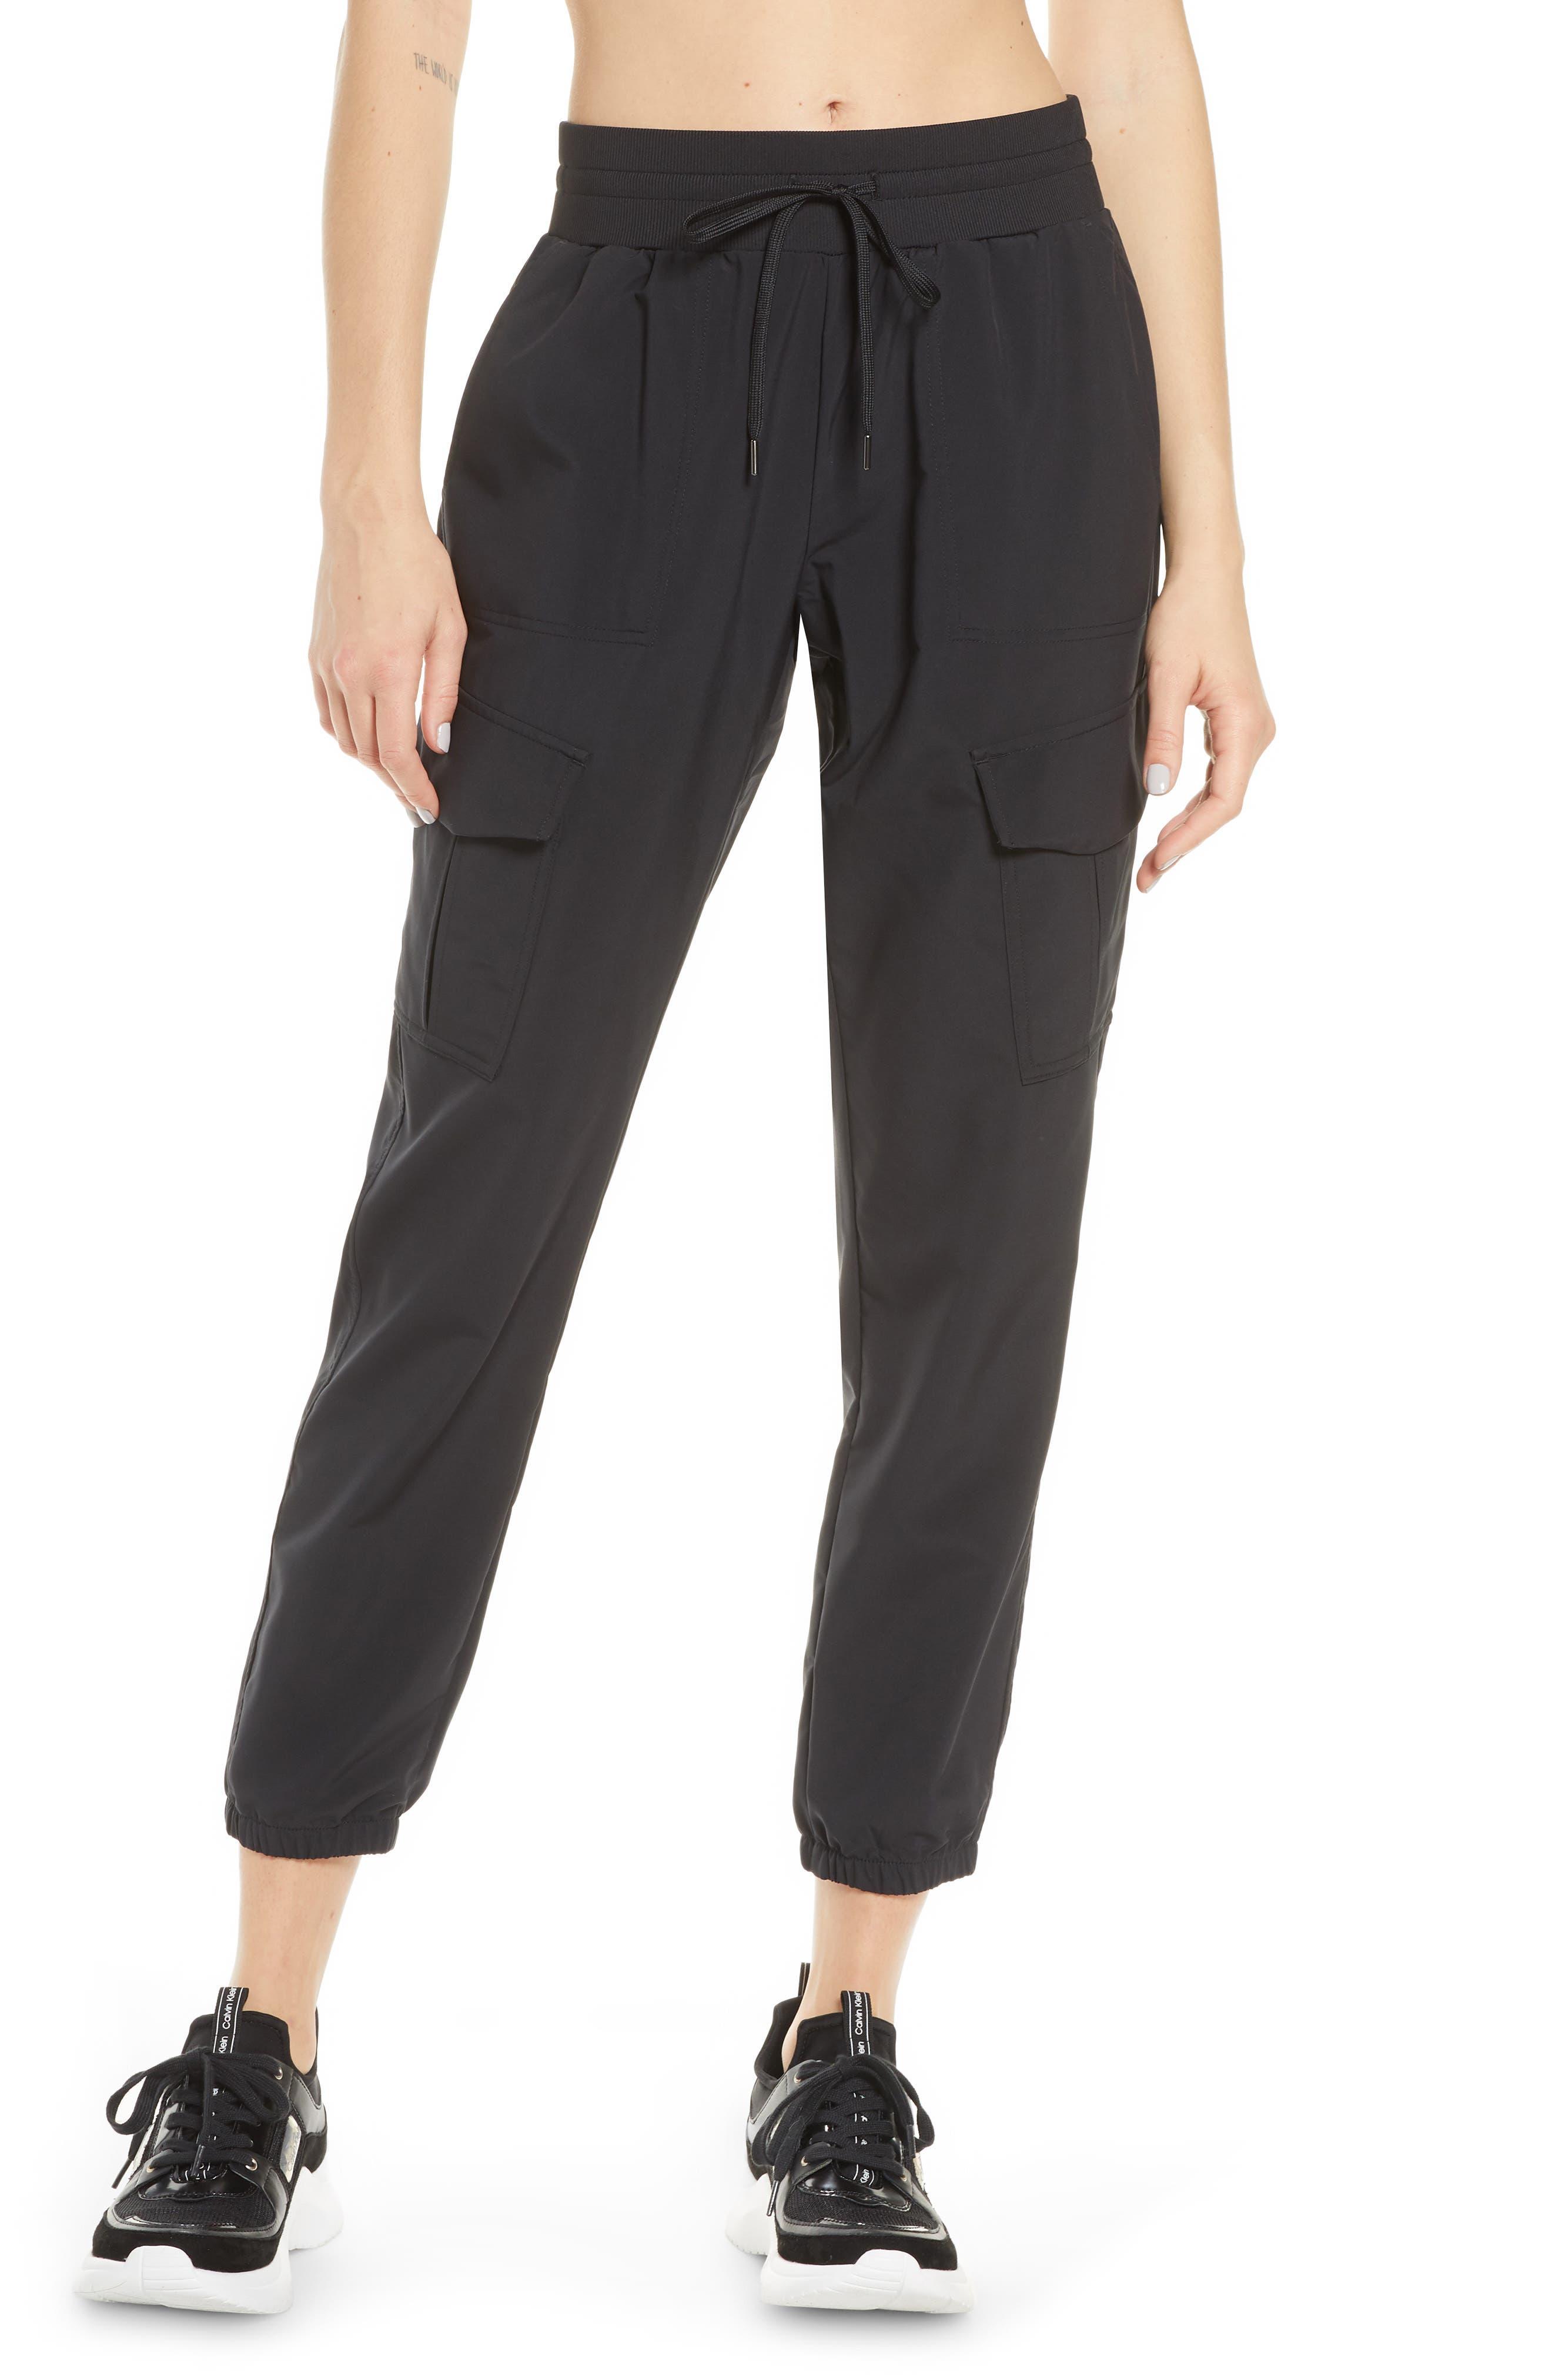 Women's Zella Getaway Cargo Pants